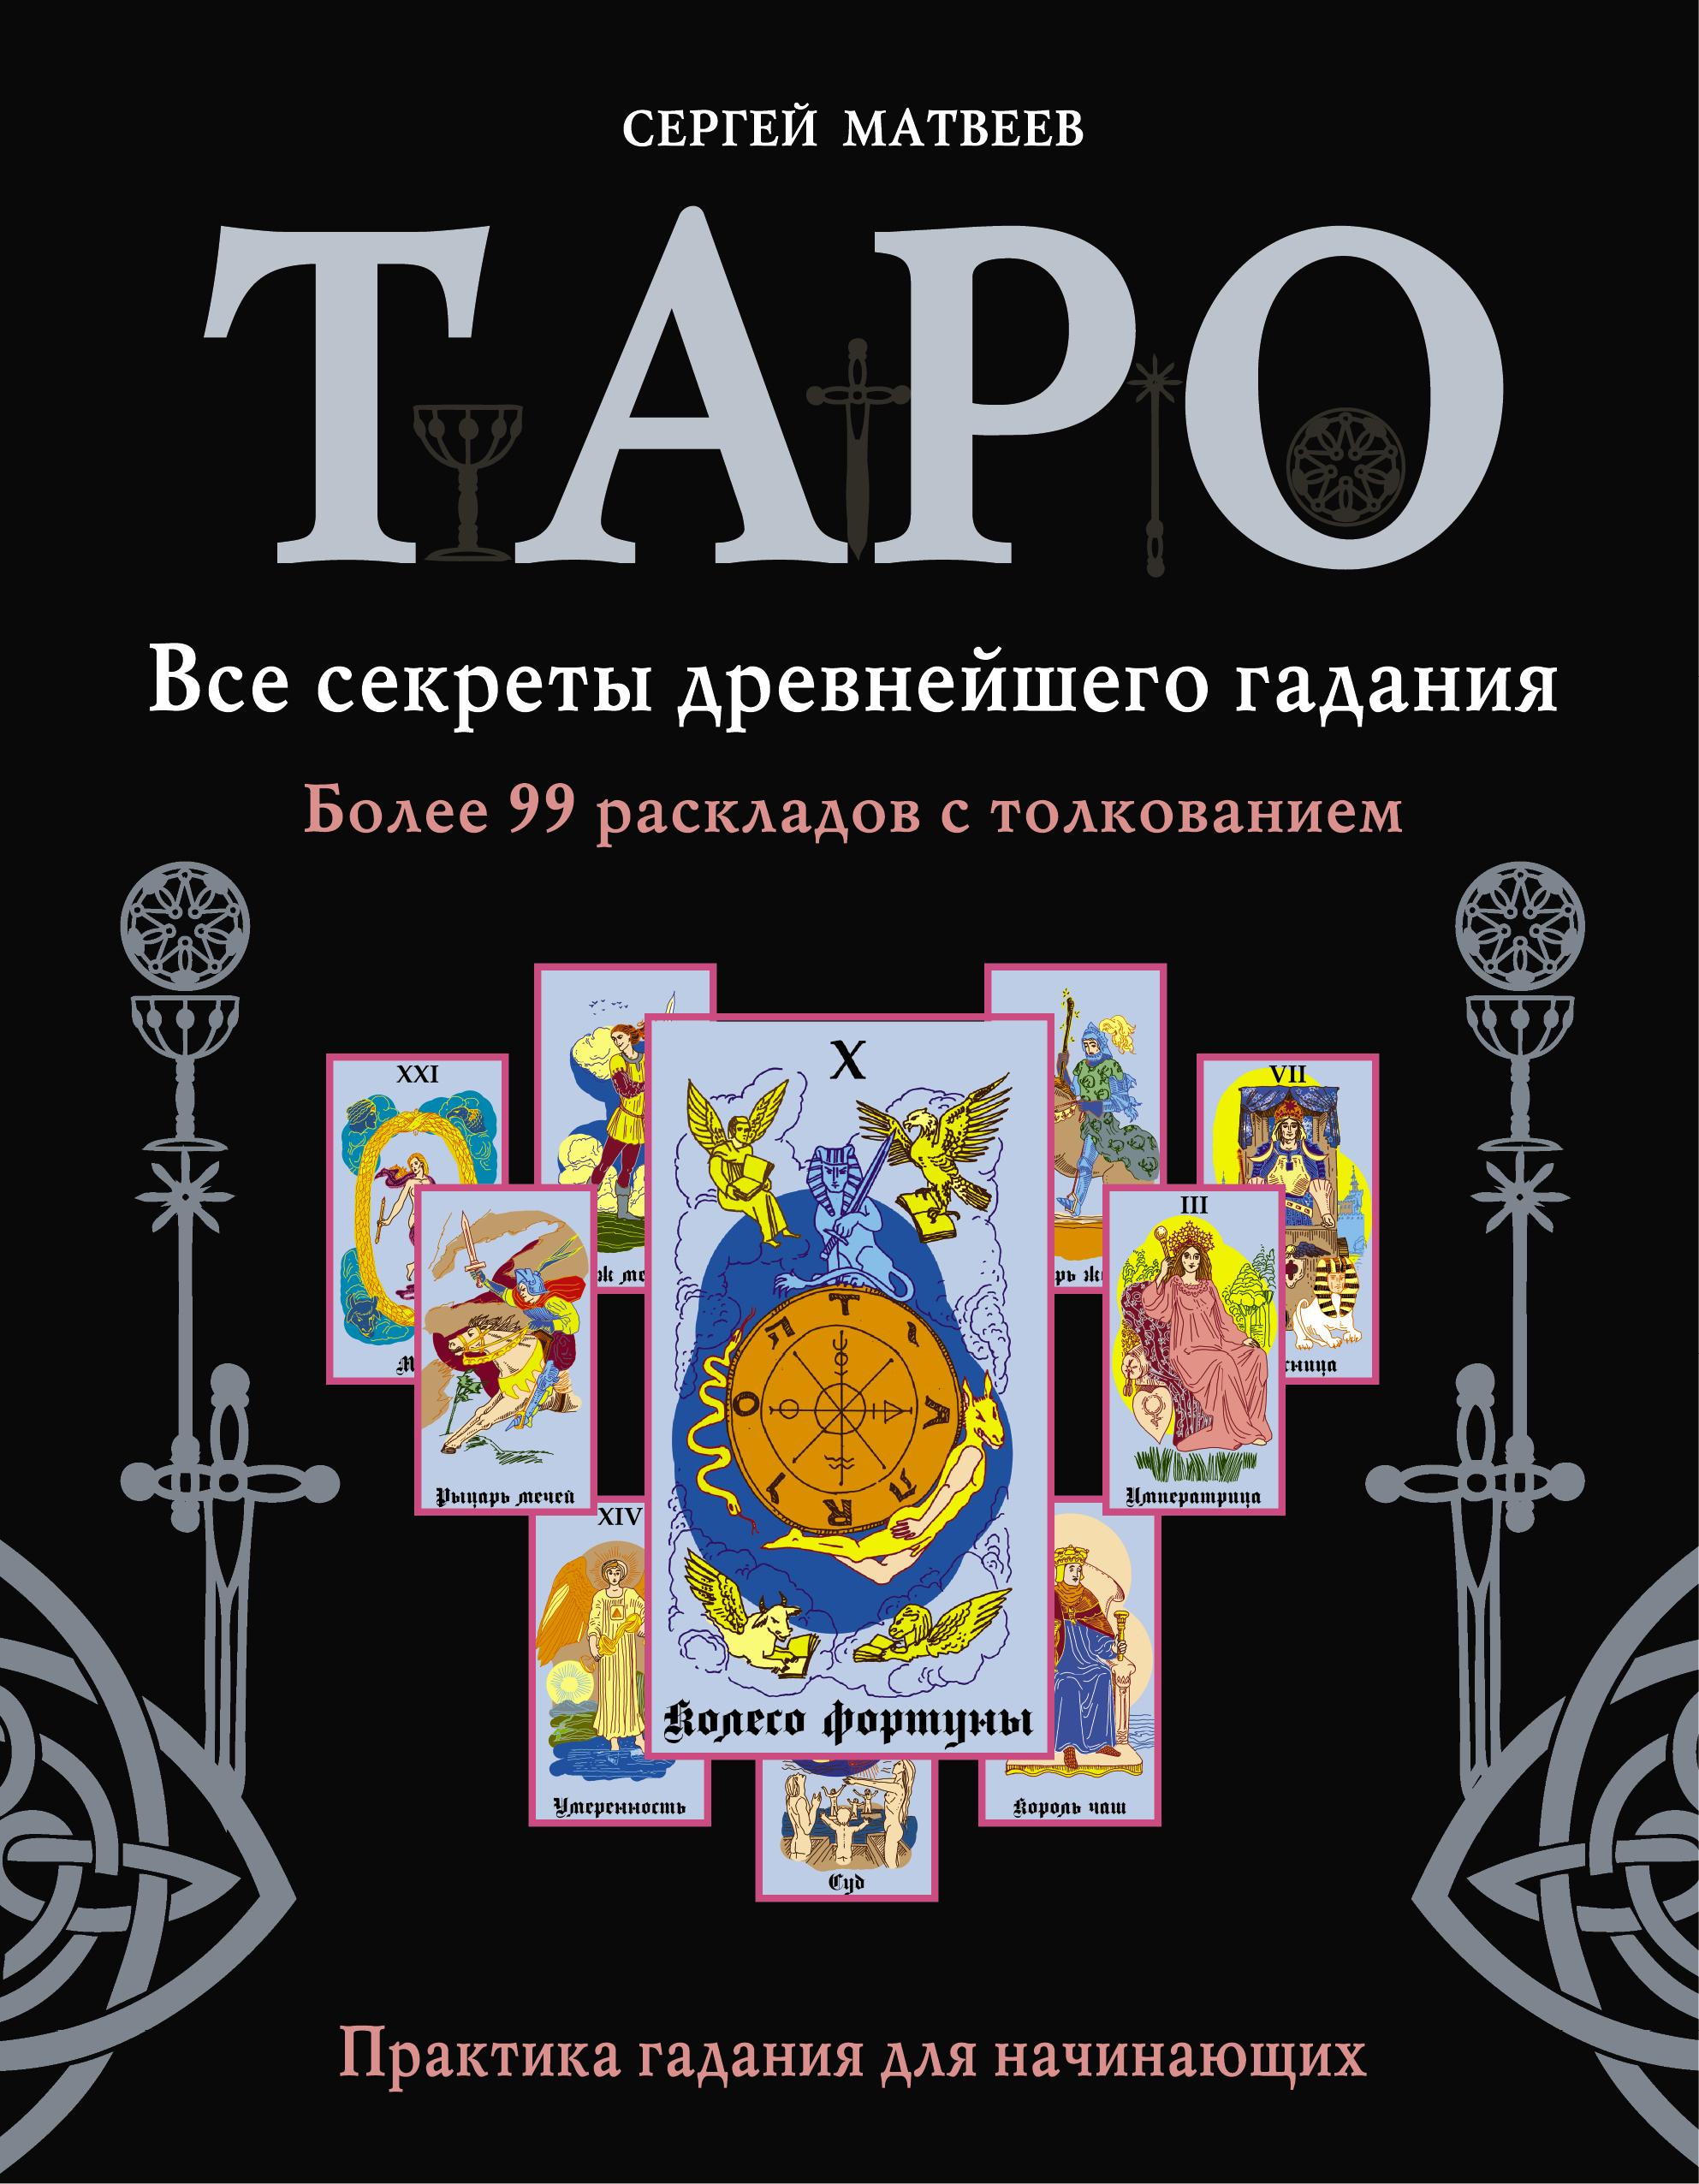 Таро. Все секреты древнейшего гадания. Более 99 раскладов с толкованием. Практика гадания для начинающих ( Матвеев С.А.  )